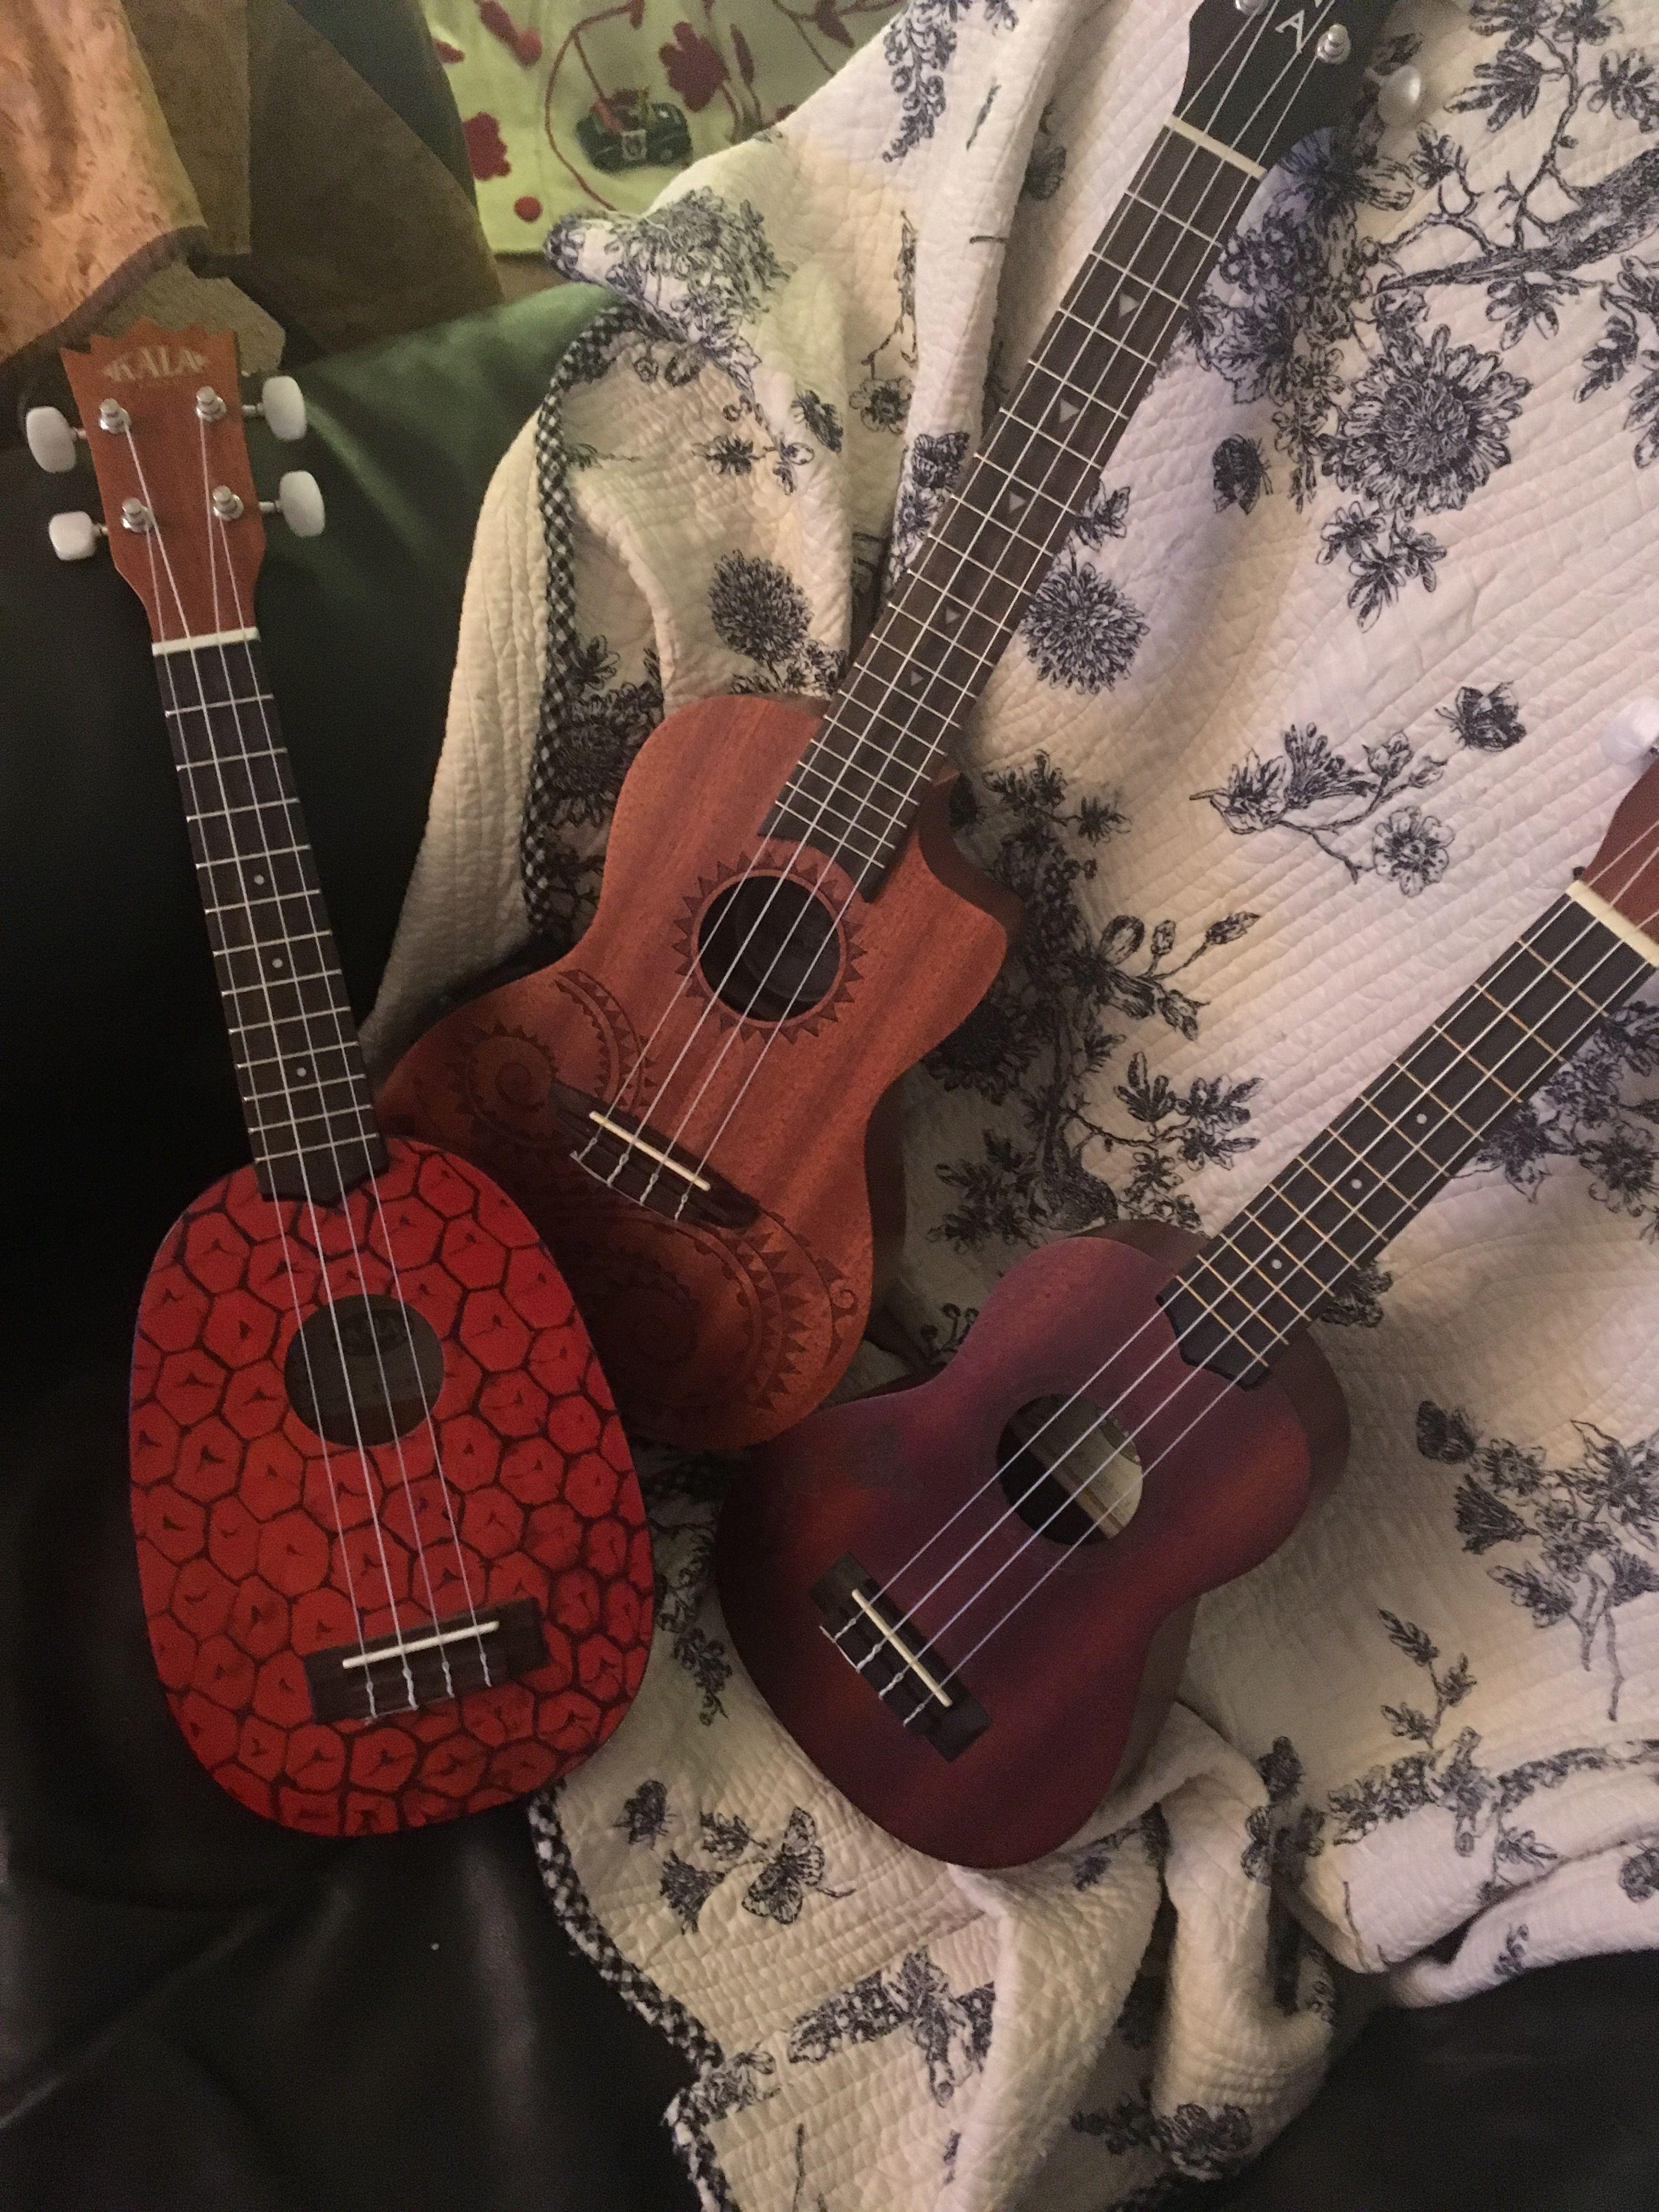 Pin on ukulele —>